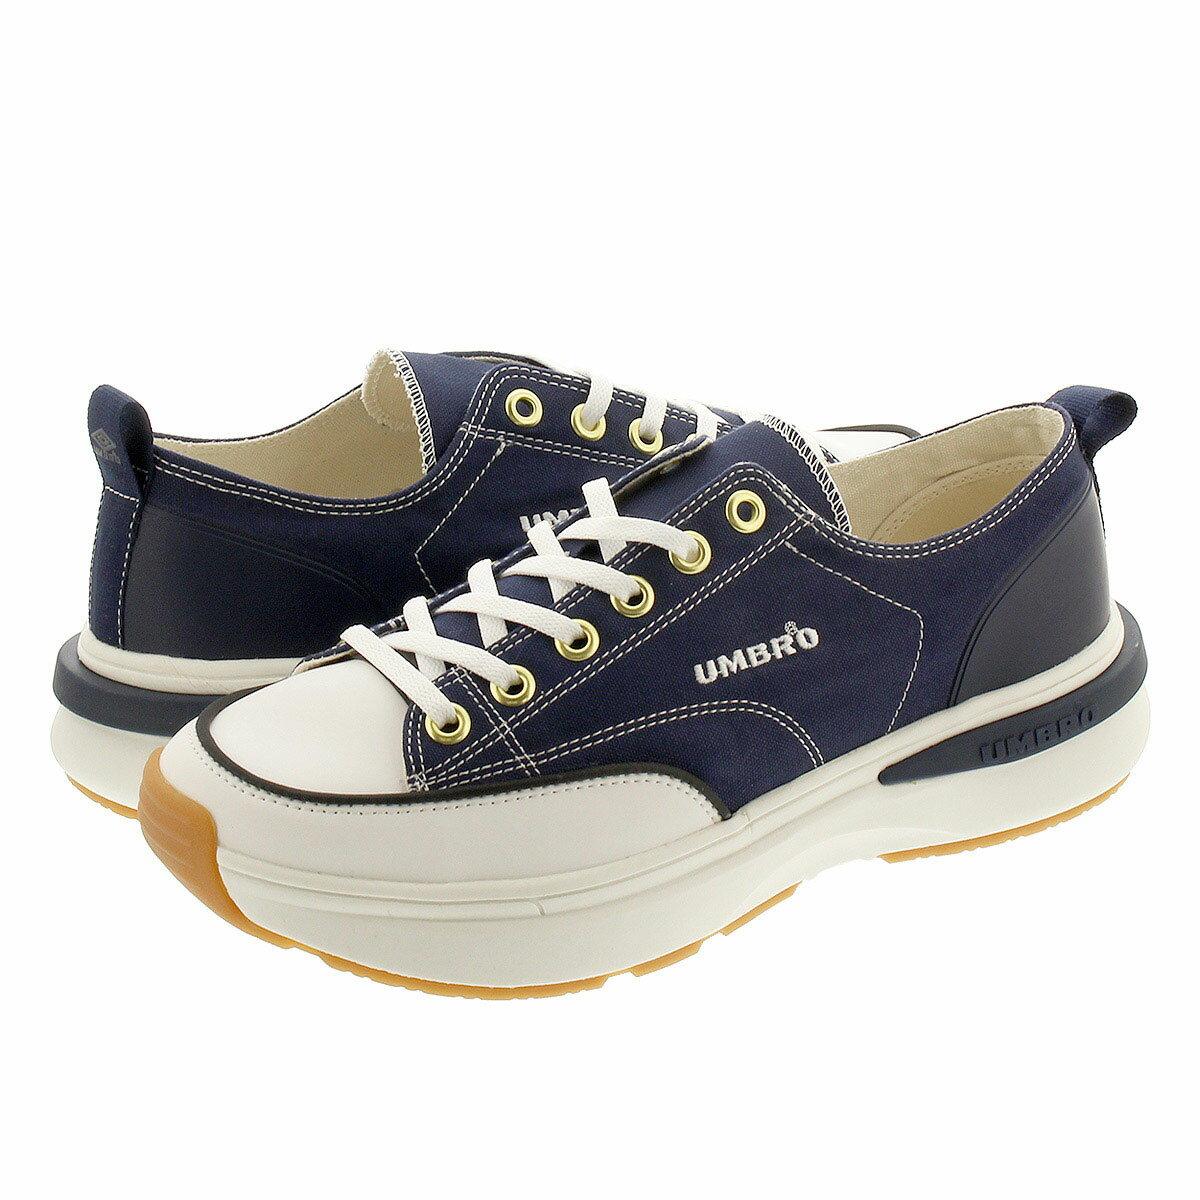 メンズ靴, スニーカー UMBRO TOBY NAVY u0323ccr74-navy